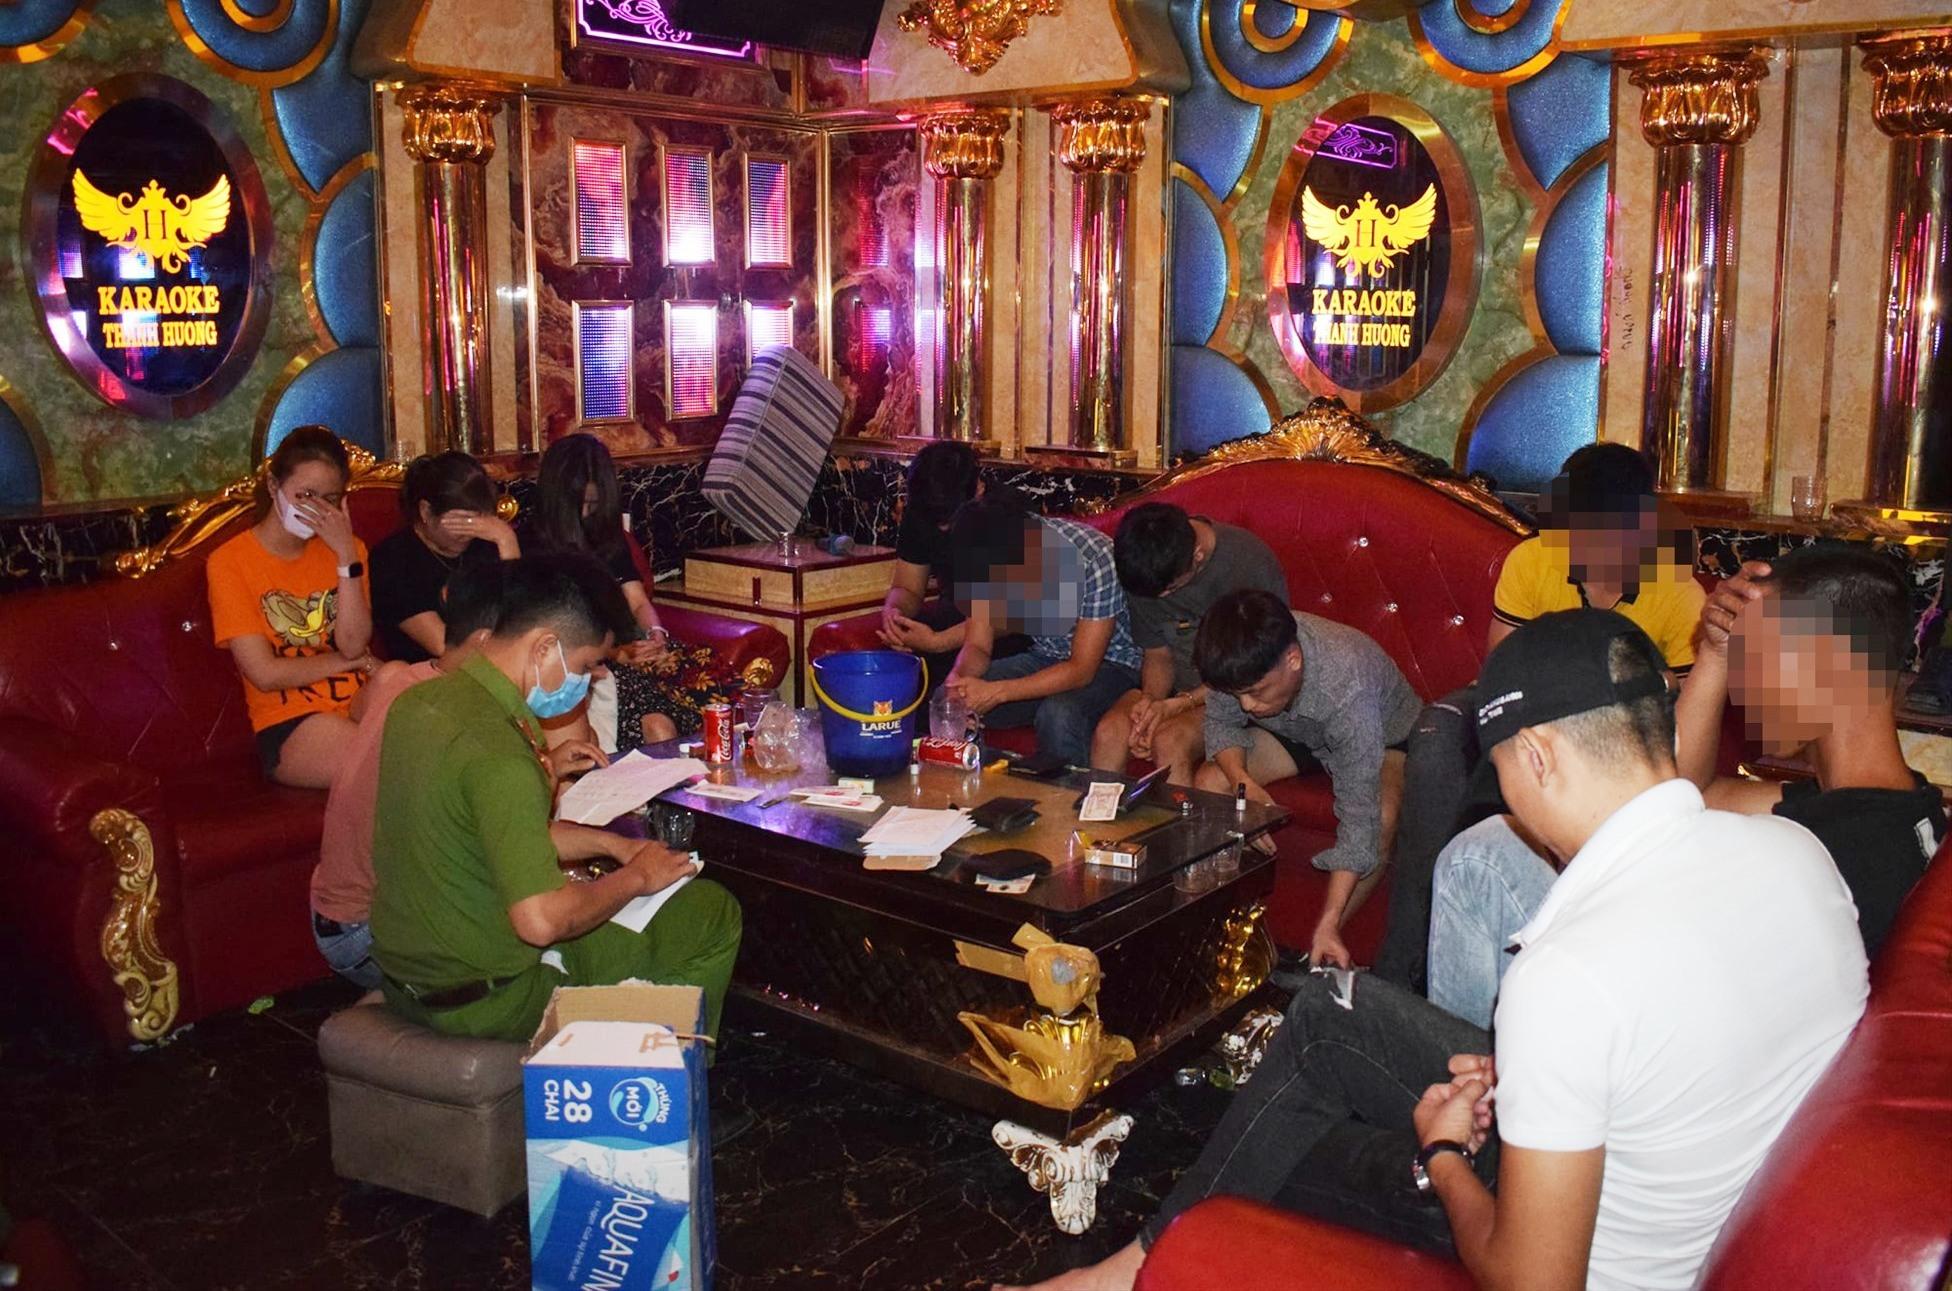 Các đối tượng sử dụng ma túy trong quán karaoke bị phát hiện. Ảnh: Công an cung cấp